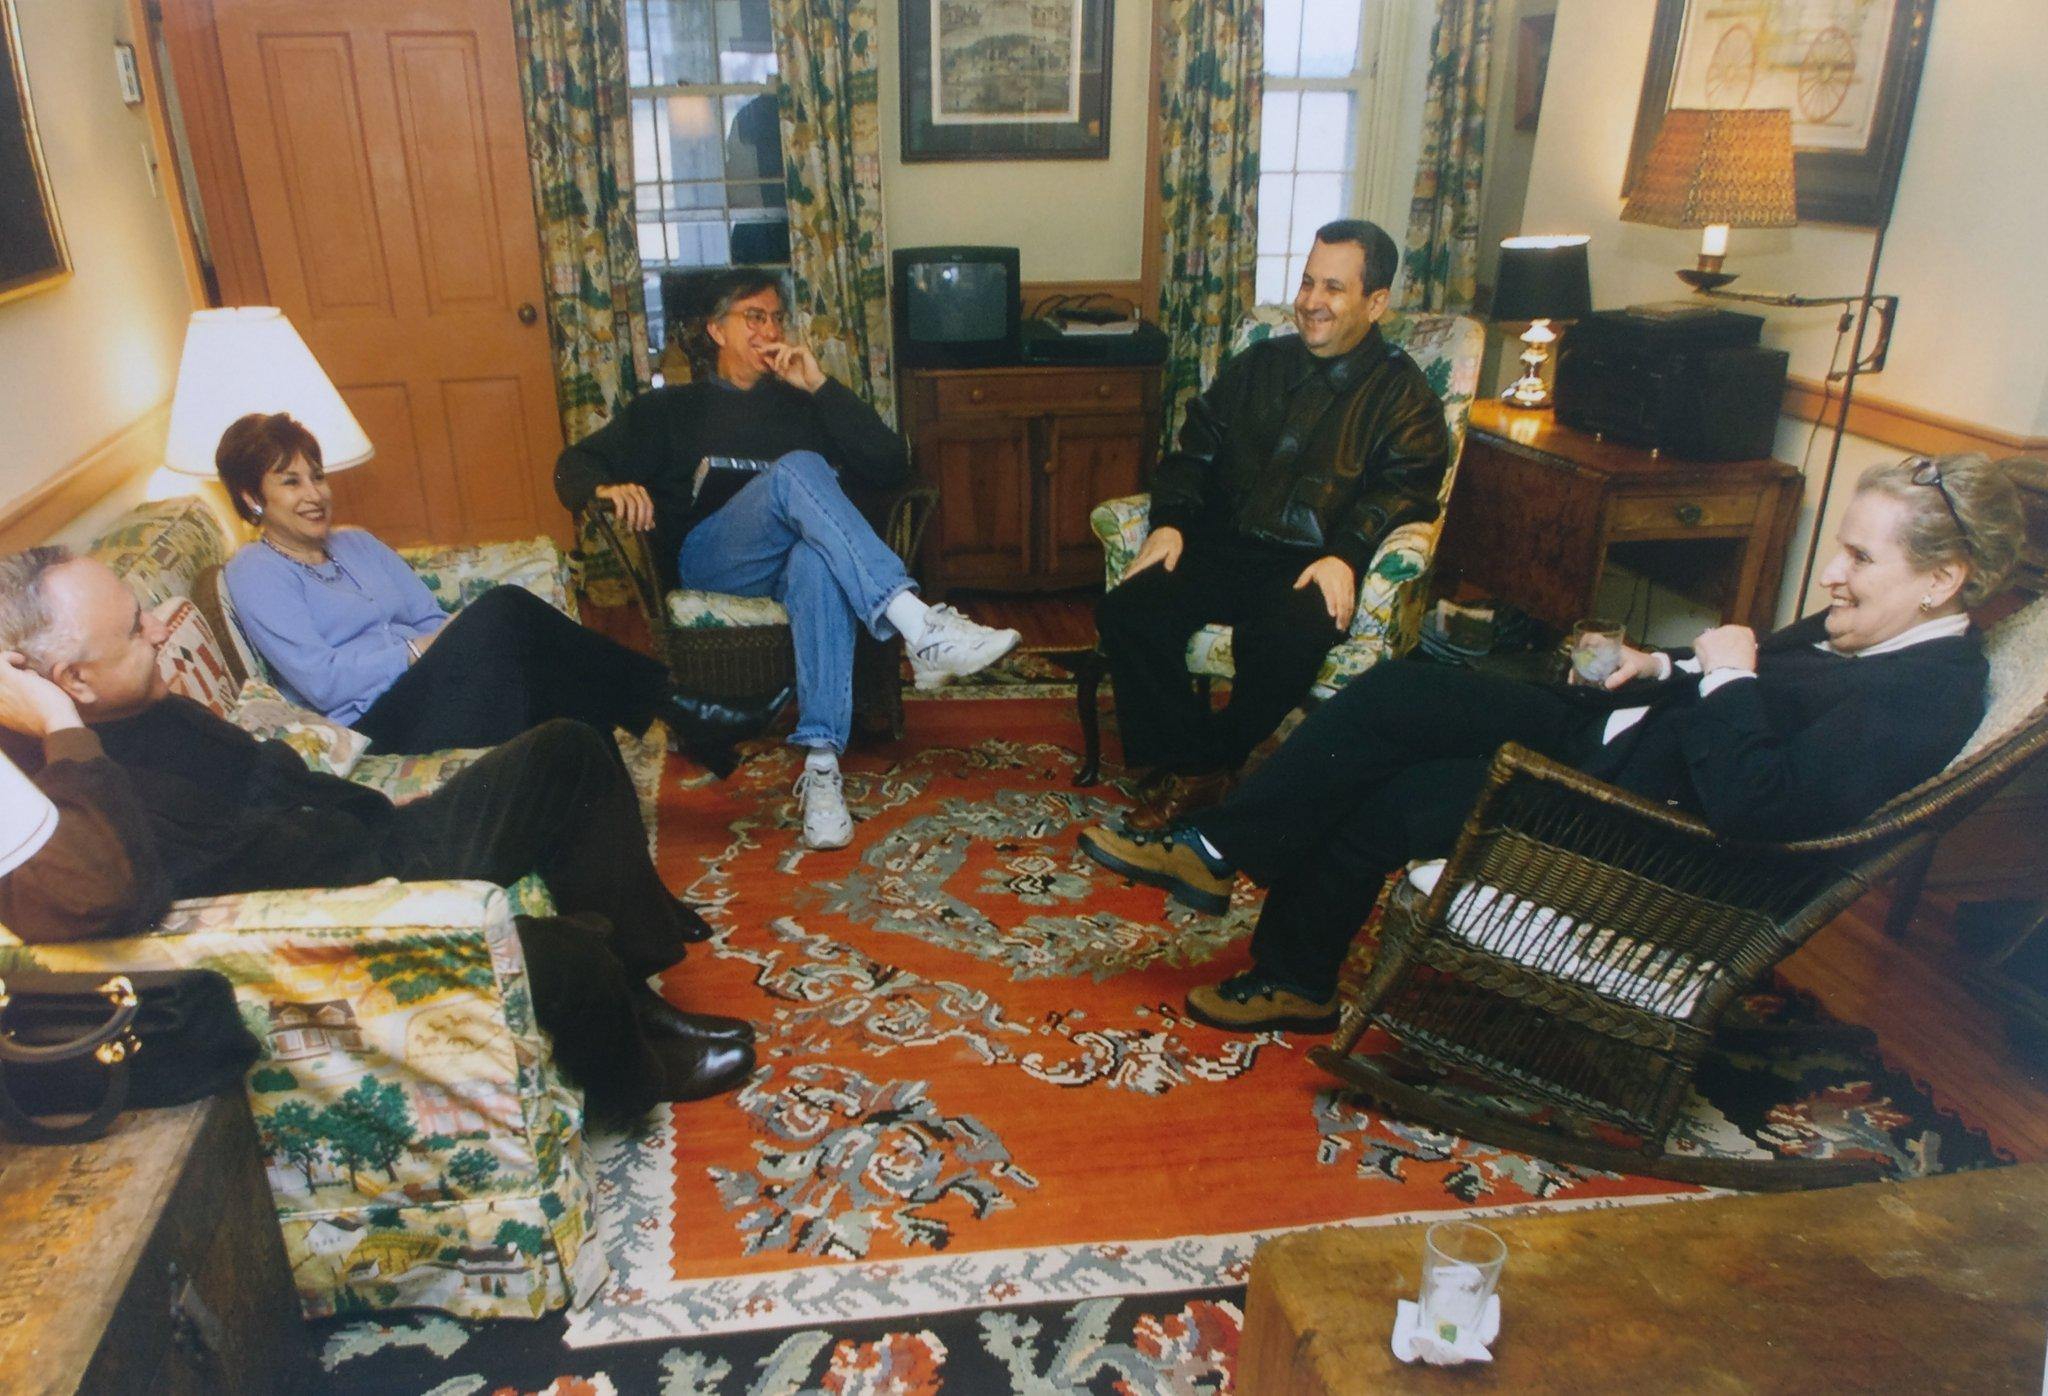 محادثات السلام التي تجمع وزير الخارجية السوري الأسبق فاروق الشرع ورئيس الوزراء الإسرائيلي الأسبق إيهود باراك برعاية أمريكية في كامب ديفيد (الصحفي الإسرائيلي شمعون آران)